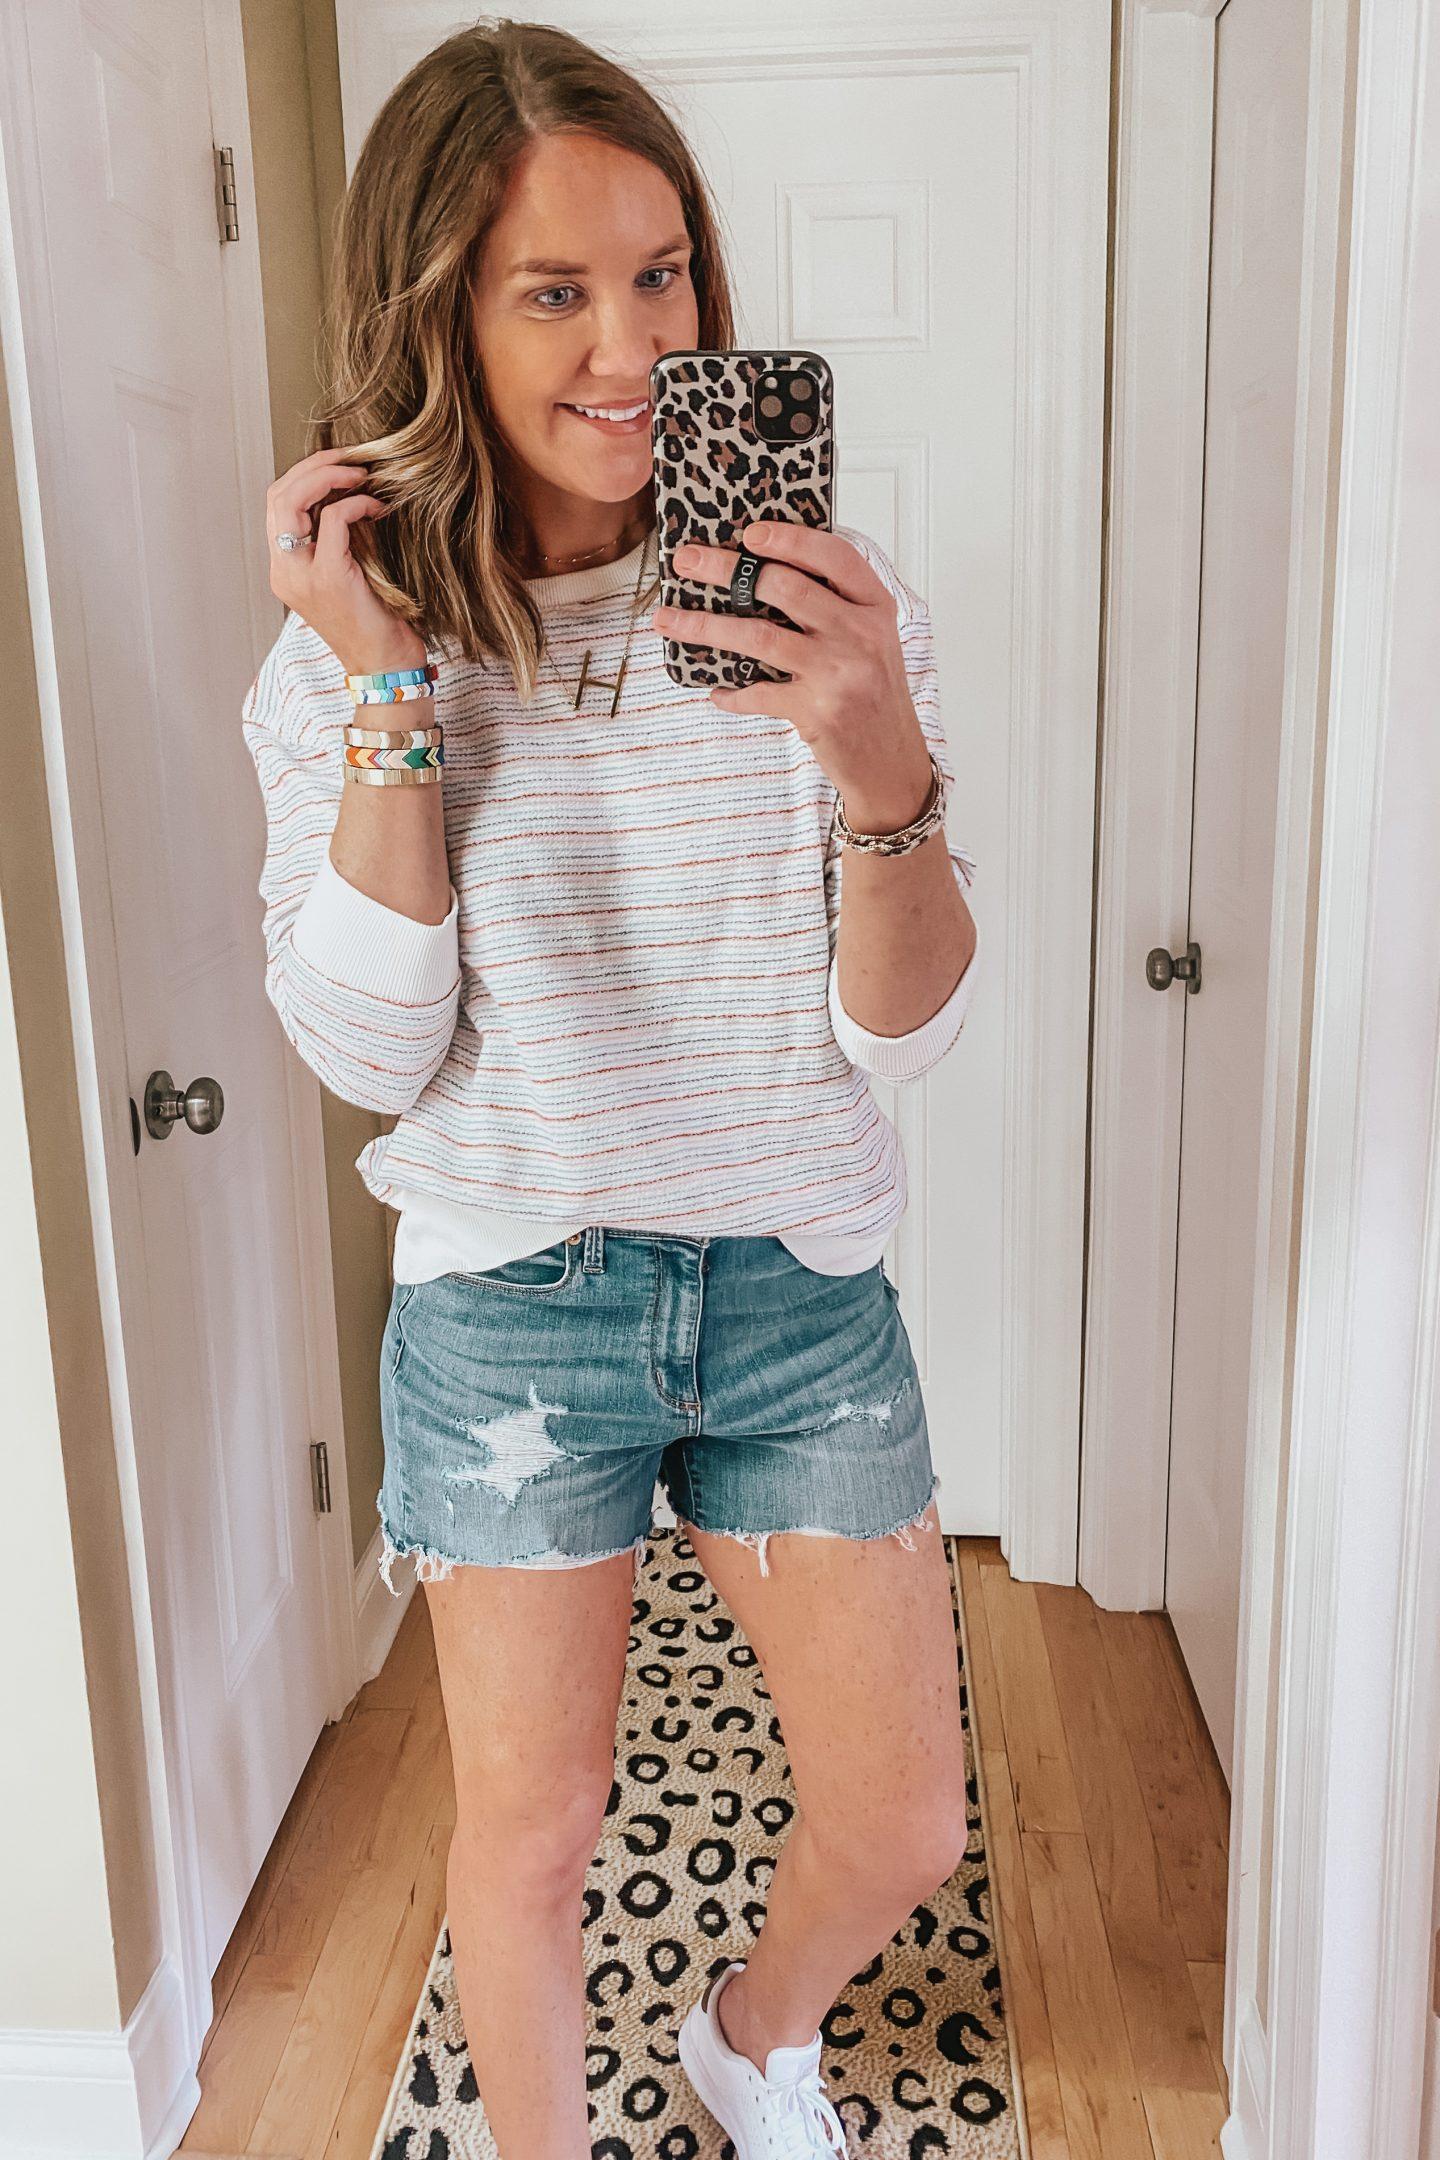 Target Summer Outfits for Women, beach sweatshirt